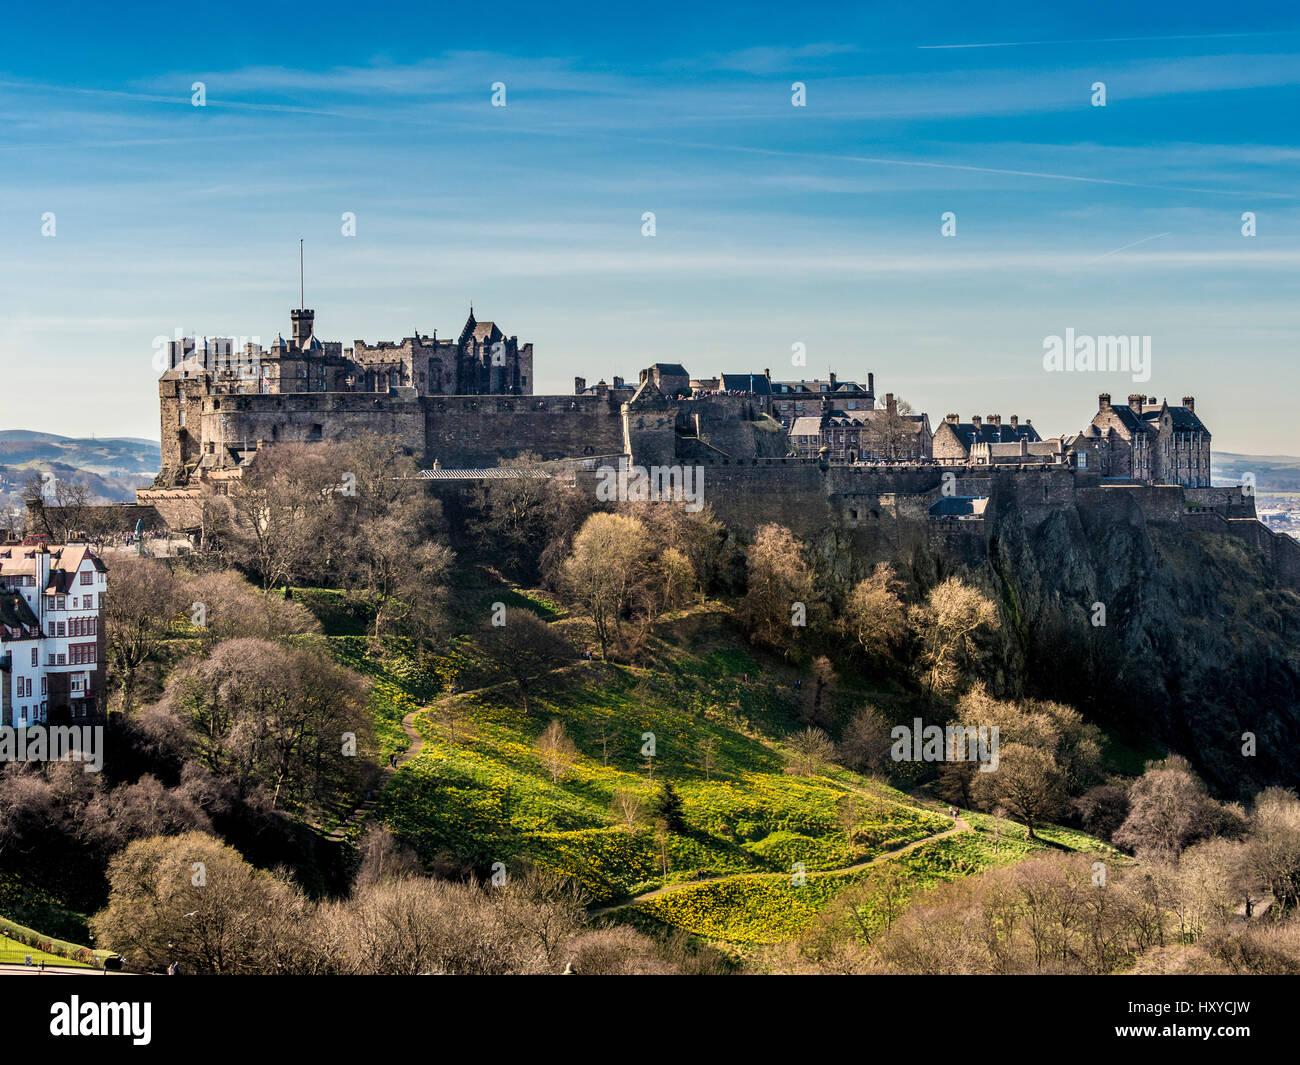 Edinburgh Castle, Edinburgh, Scotland, UK. - Stock Image